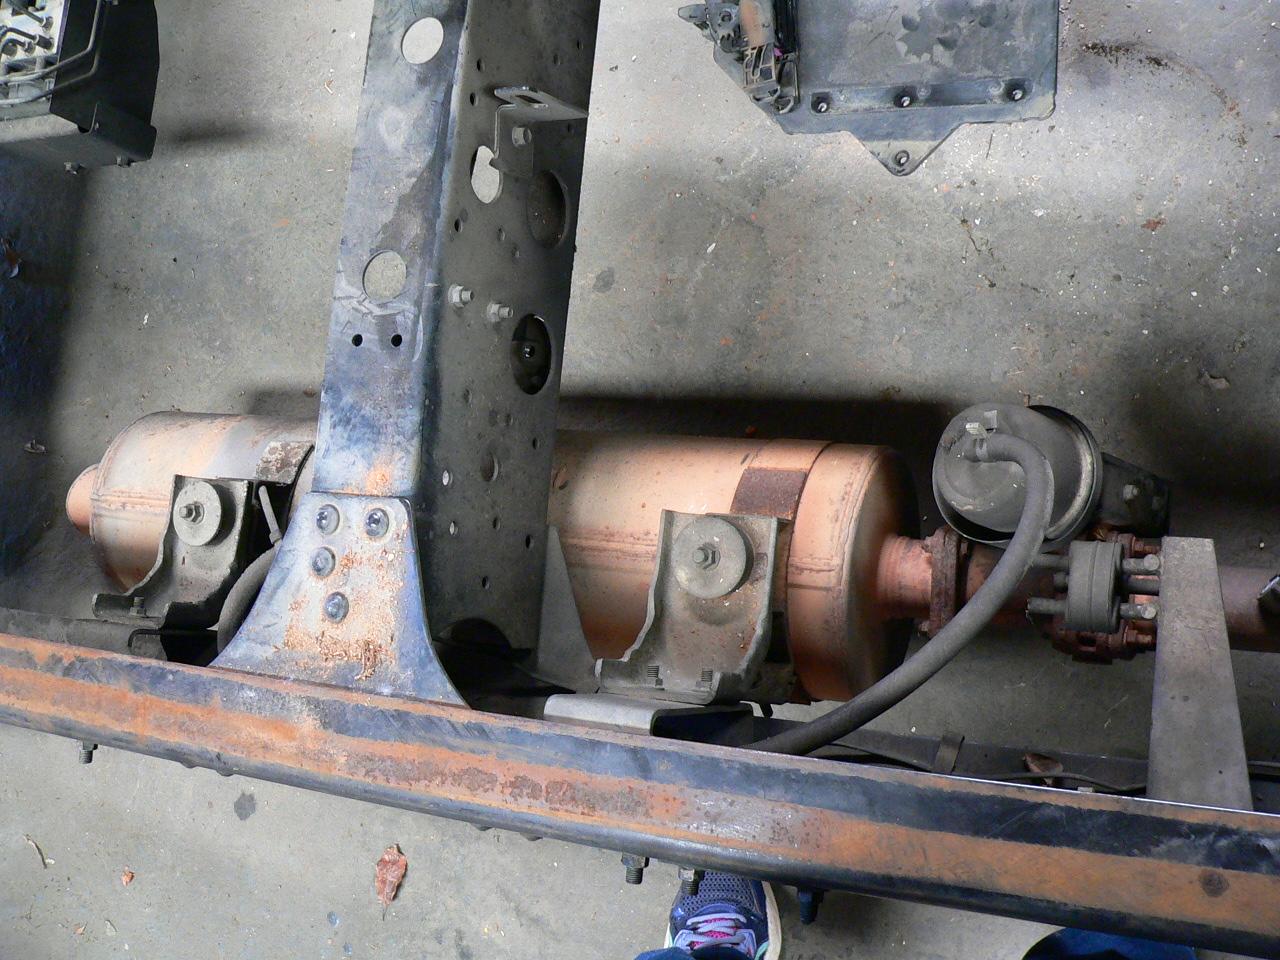 Isuzu Npr Hk Exhaust Engine Brake on 2007 Isuzu Npr Engine